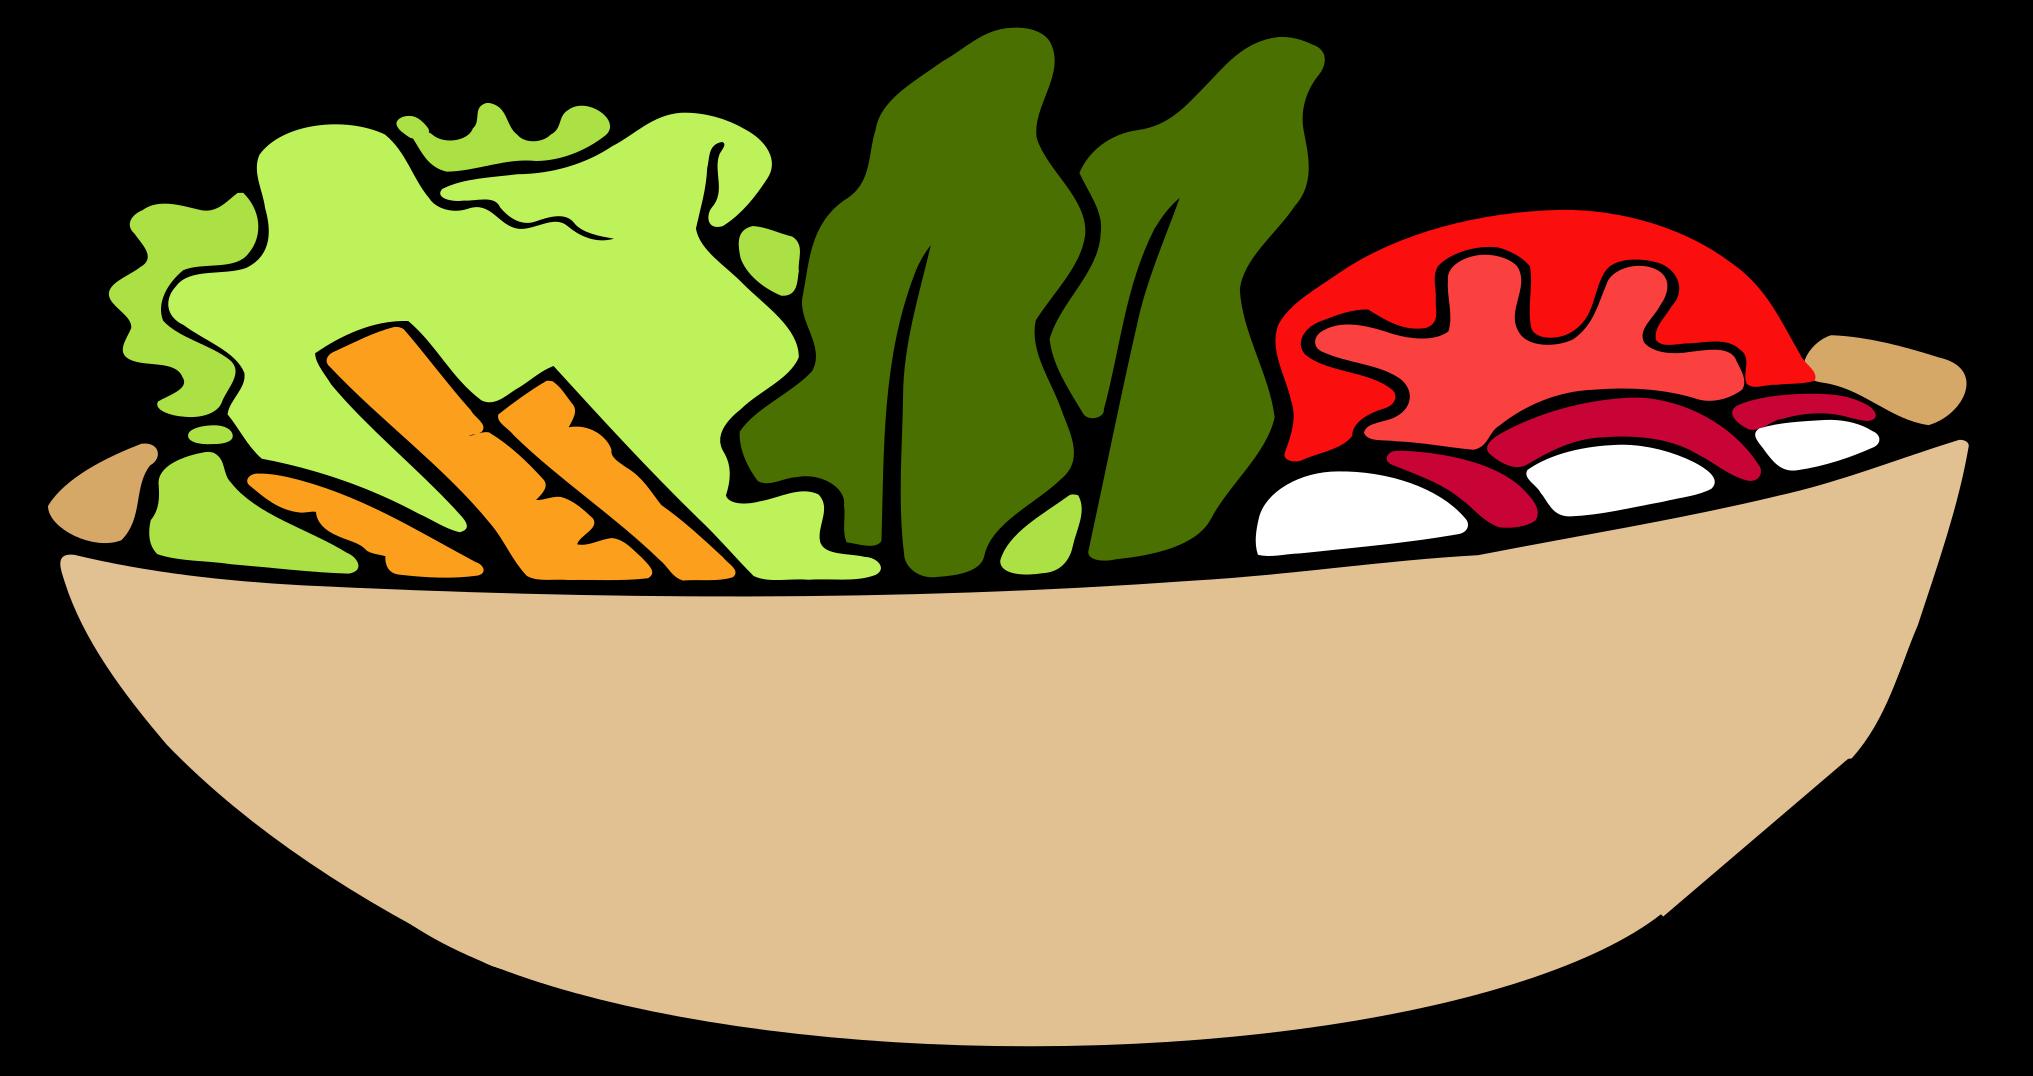 картинка салата из овощей рисунок тех, кто